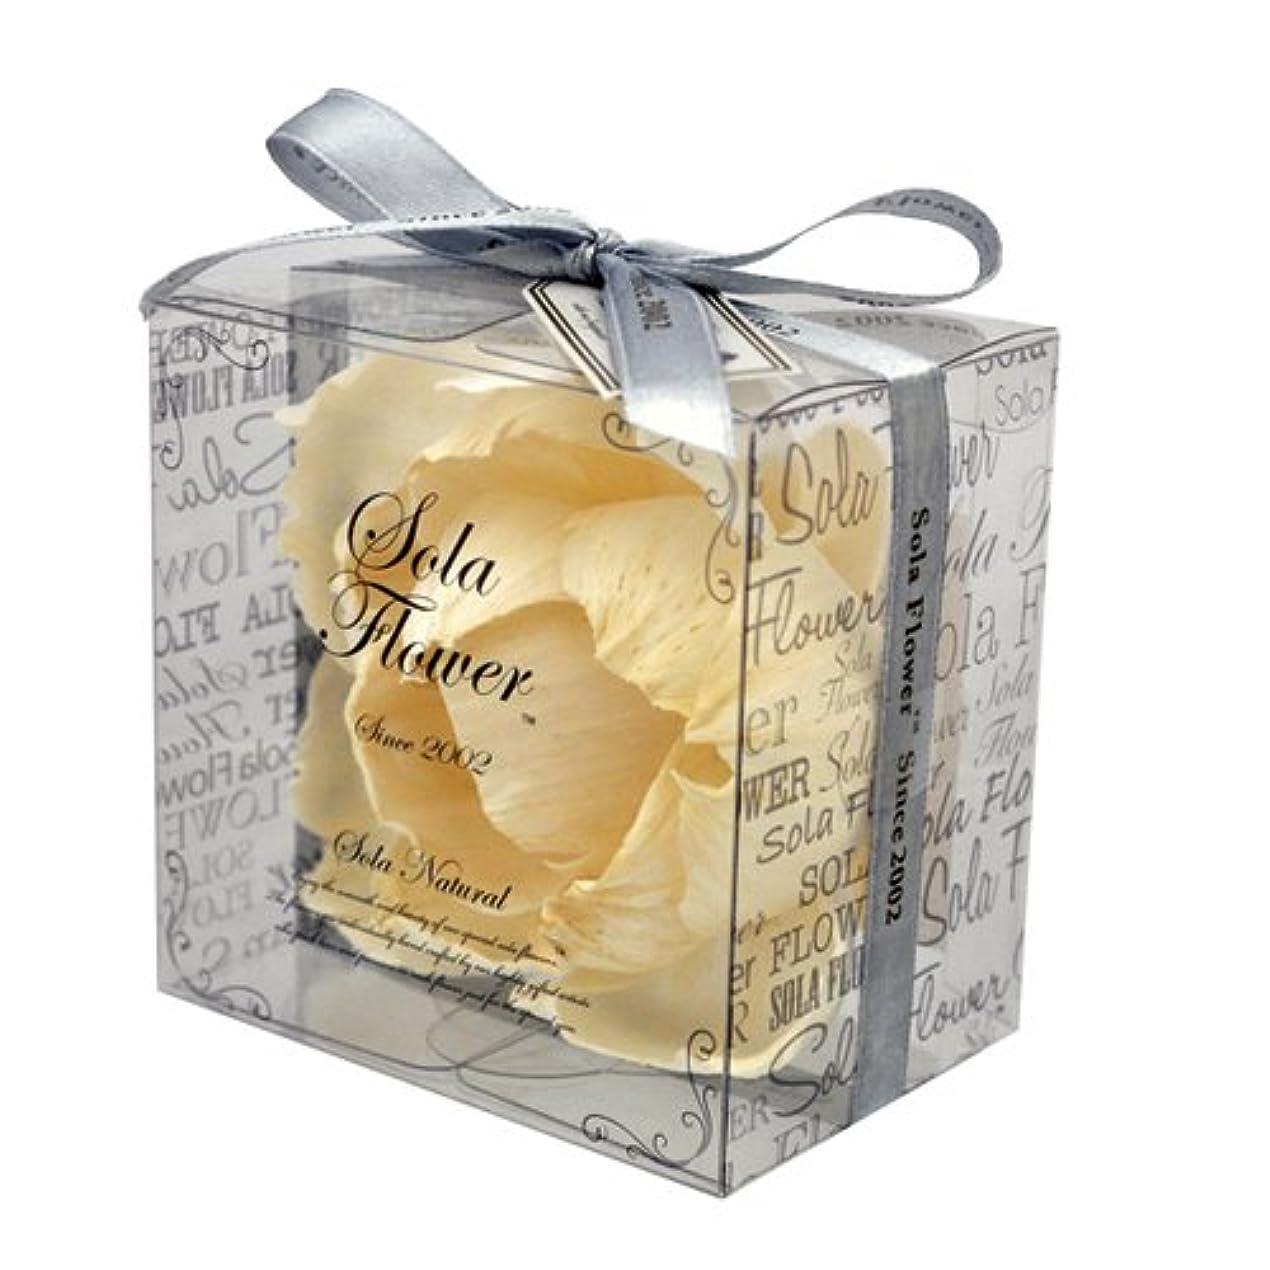 酔った重量タイルnew Sola Flower ソラフラワー ナチュラル Elegant Peony エレガントピオニー Natural